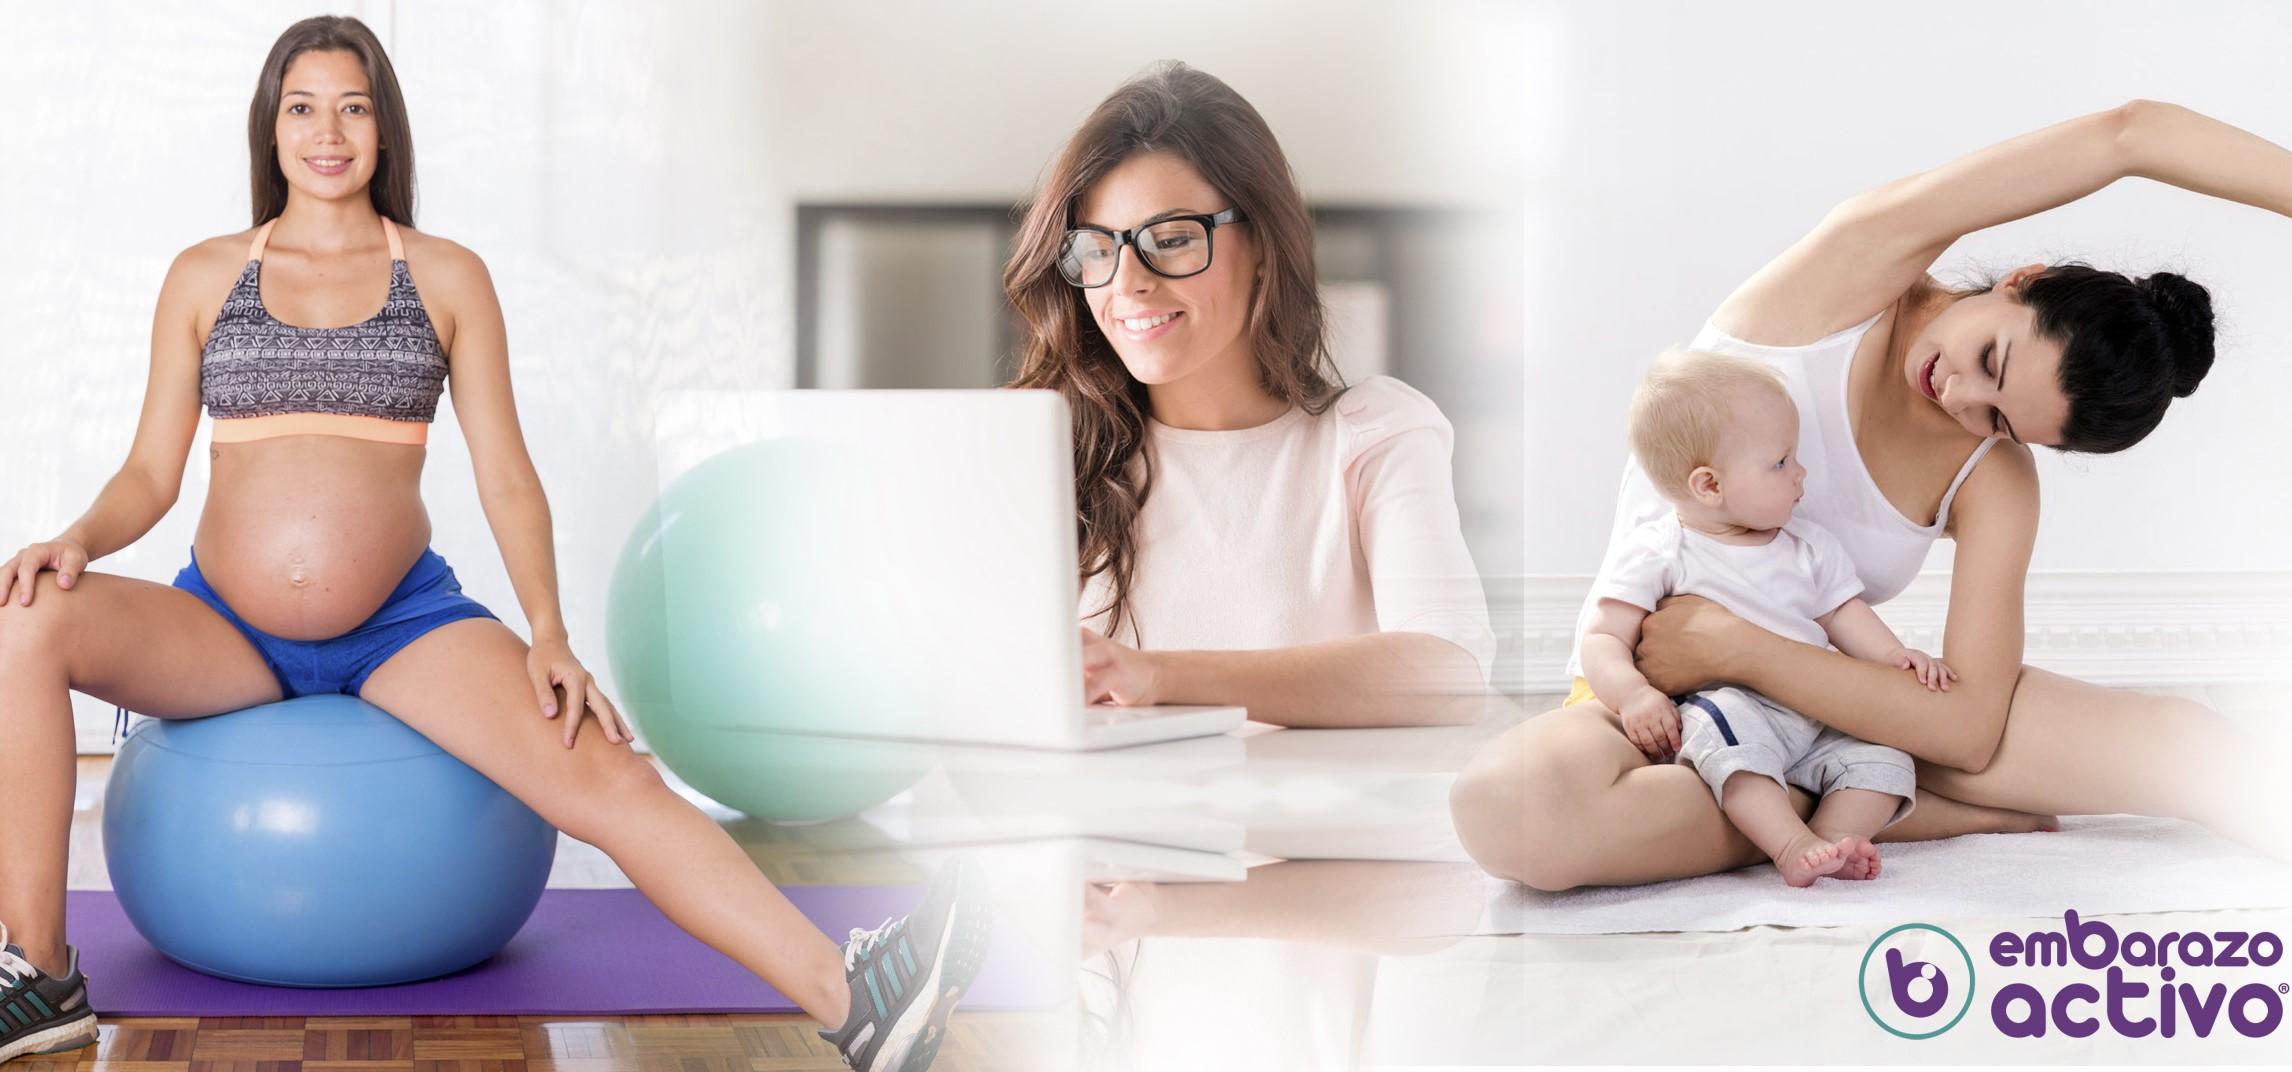 Embarazo Activo reconvierte todas sus actividades al formato virtual